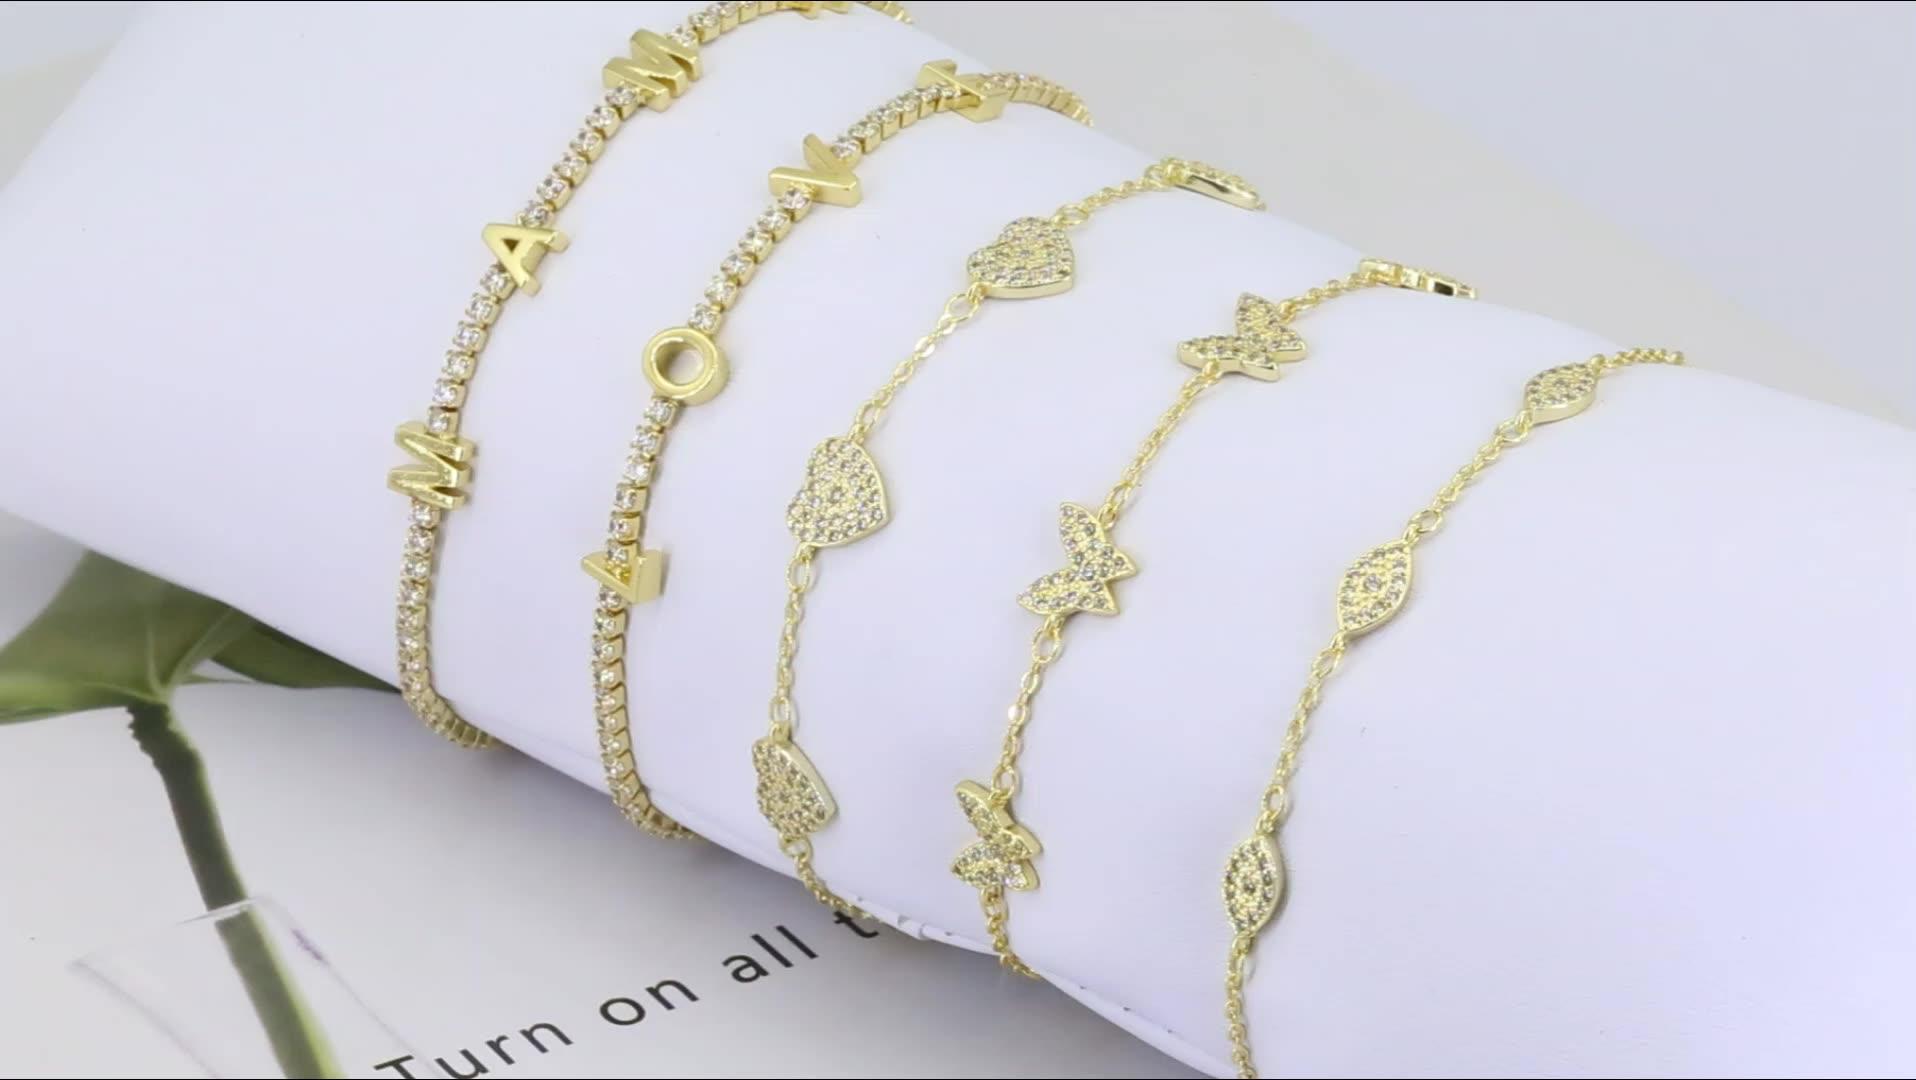 2020 tendances produits meilleur vente bracelet bracelet bijoux femmes réglable bracelets de femmes